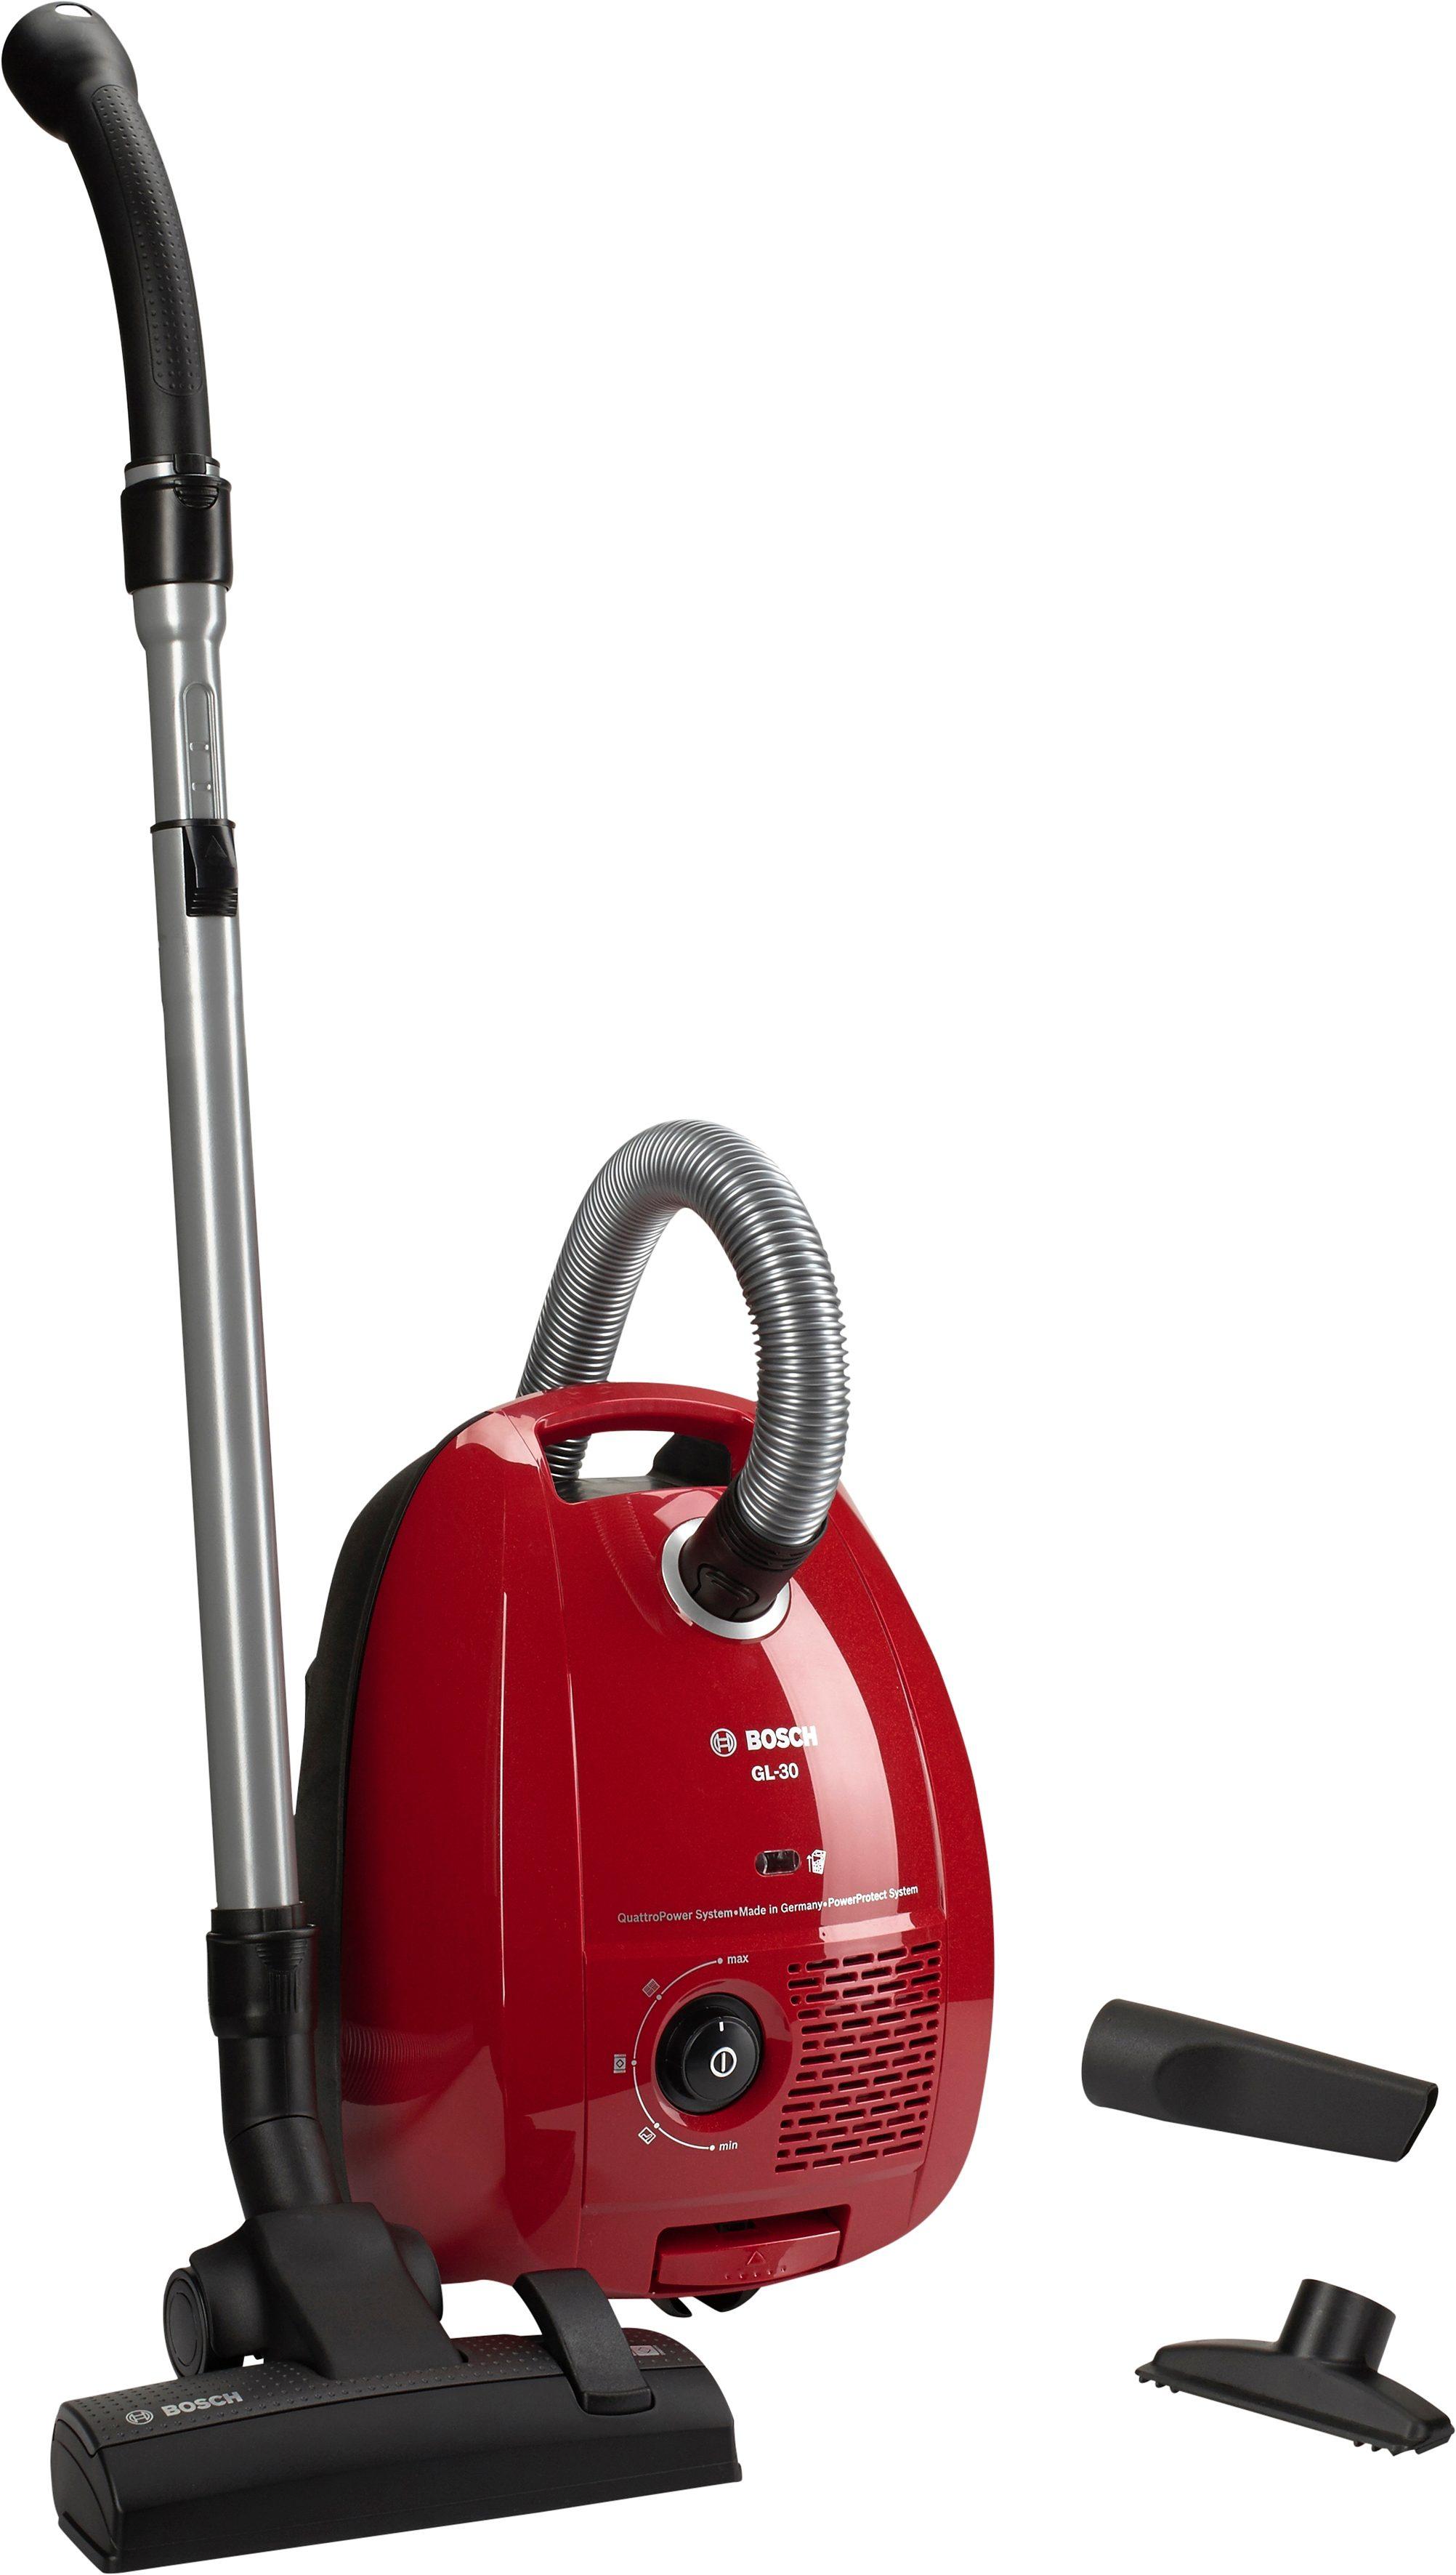 Bosch Bodenstaubsauger GL-30 mit Staubbeutel BGL3A310, kirschrot-metallic, Energieeffizienzklasse A